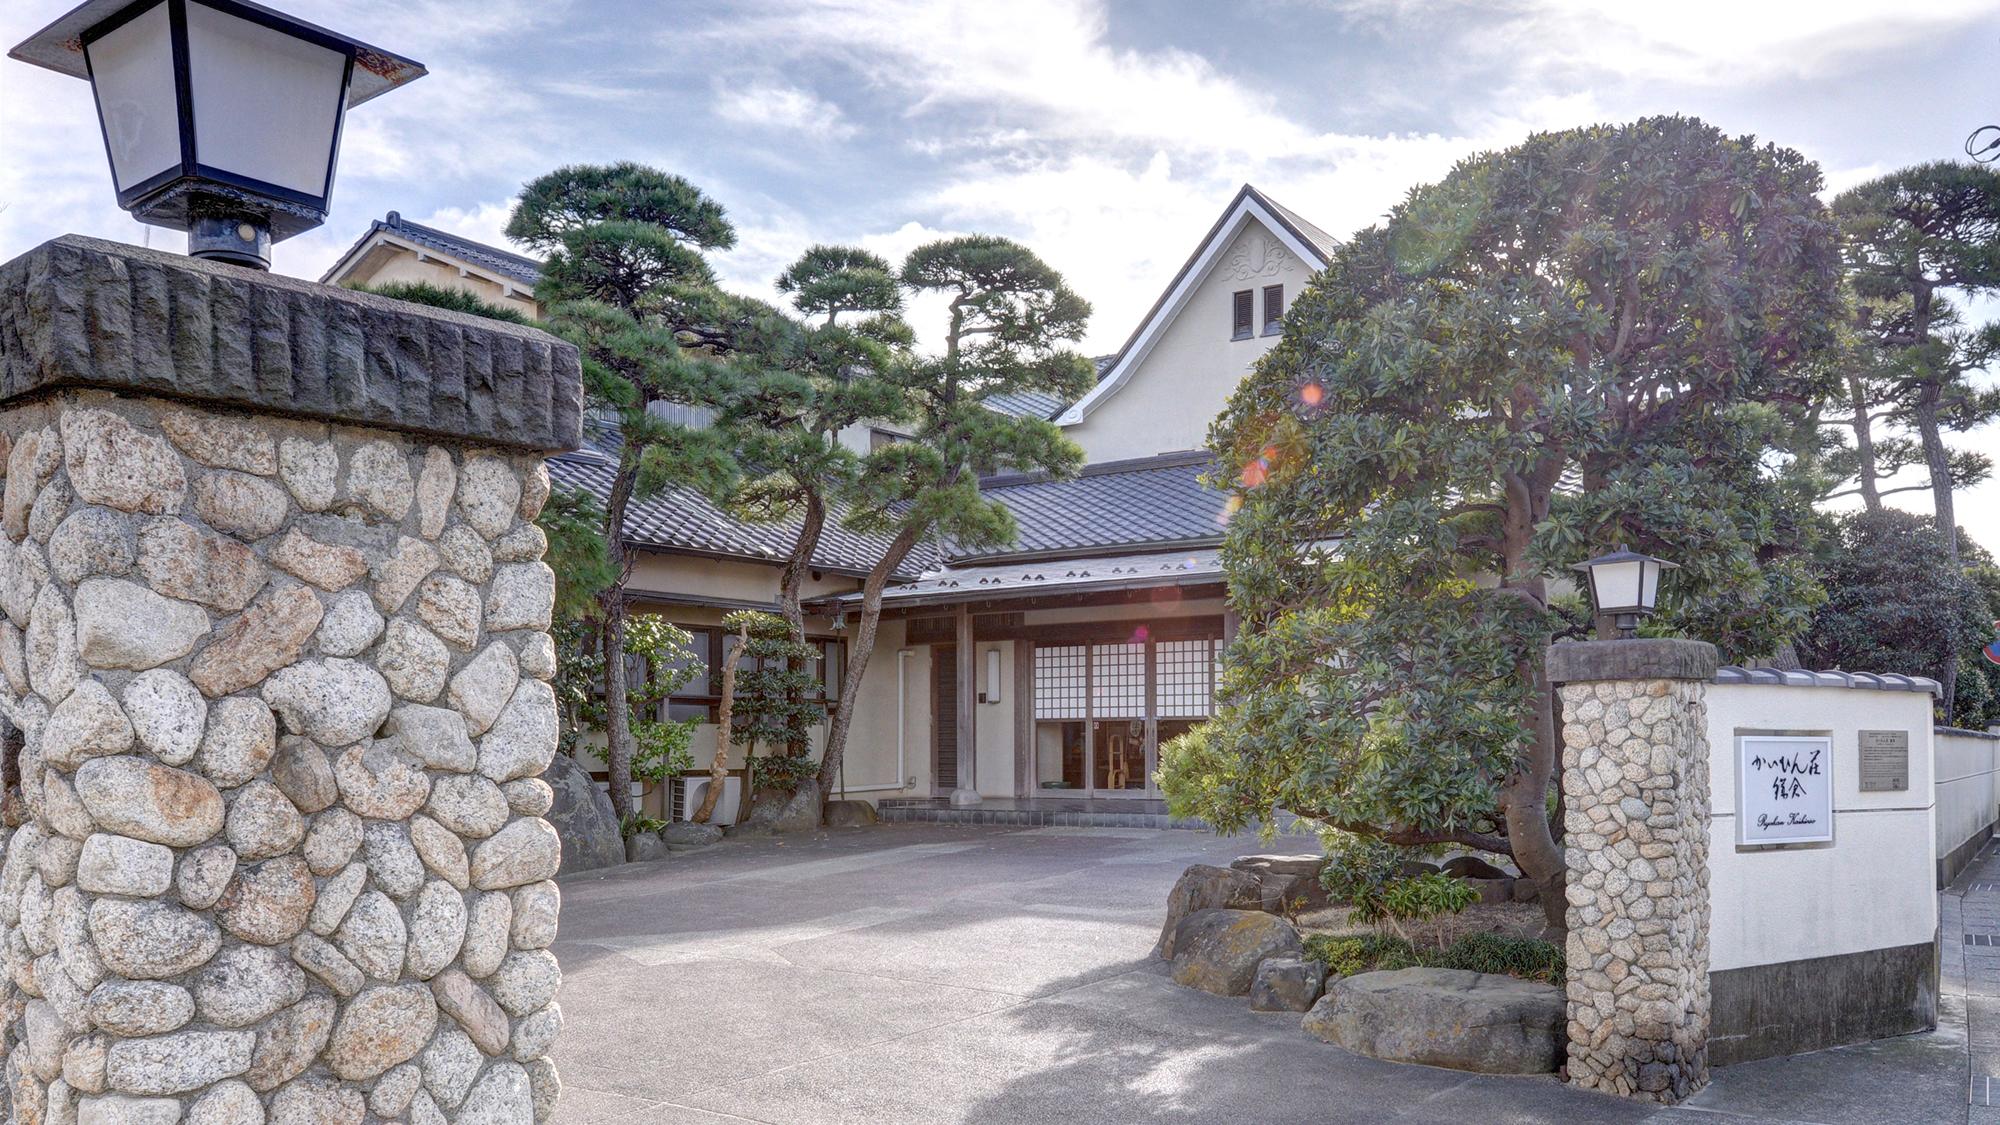 かいひん荘 鎌倉◆楽天トラベル